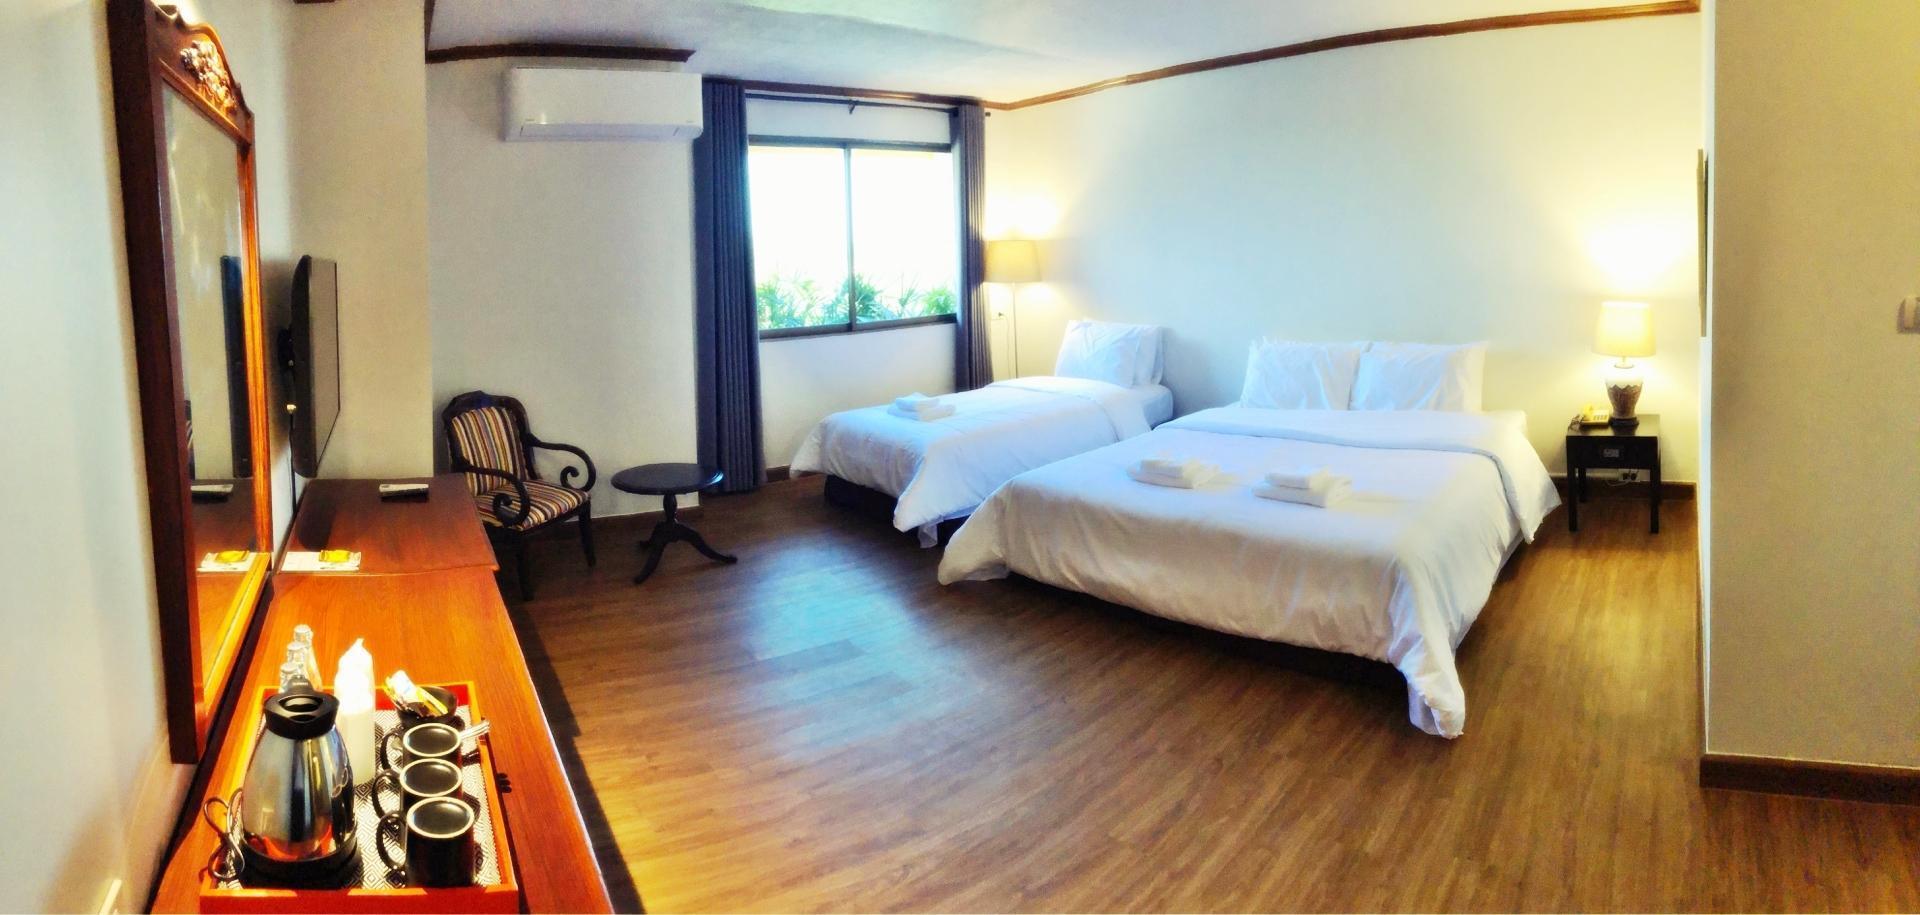 รูปภาพ & รีวิว โรงแรมนครพิงค์ พาเลซ รีวิว Pantip